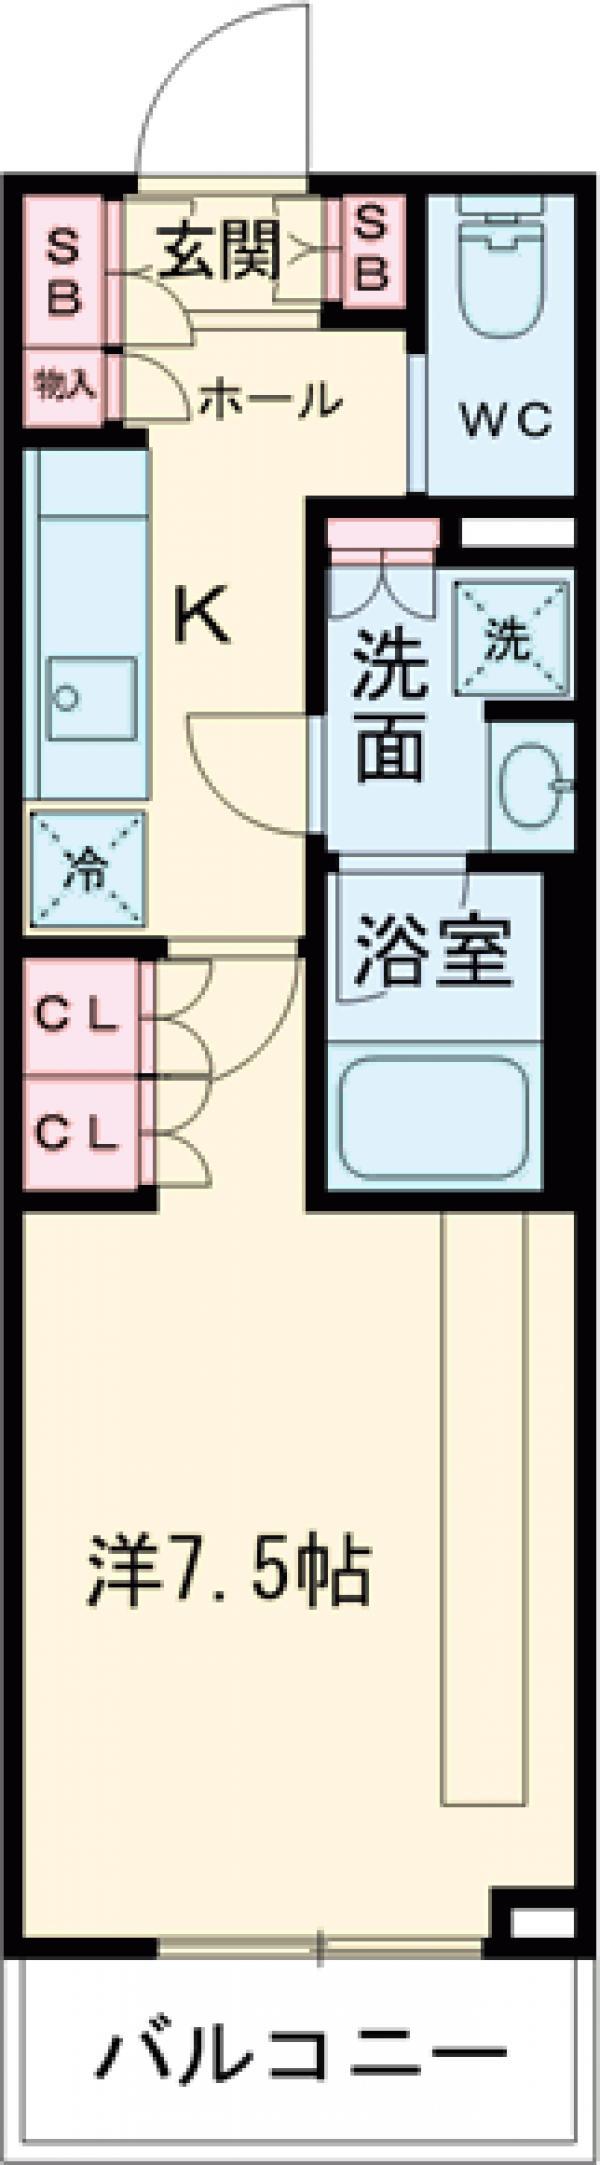 ブライズ世田谷桜・206号室の間取り